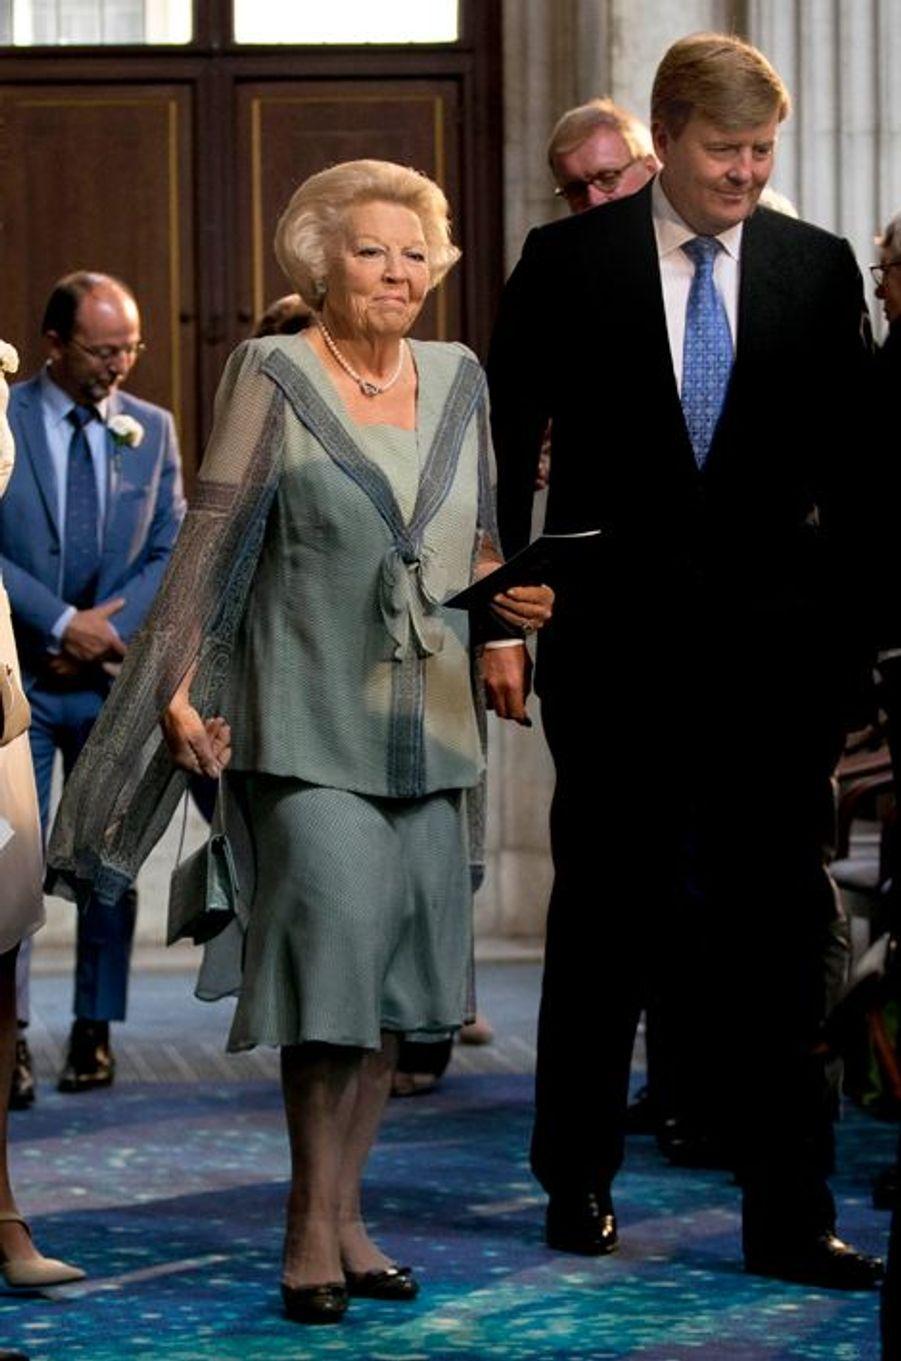 La princesse Beatrix et le roi Willem-Alexander des Pays-Bas à Amsterdam, le 16 juin 2015